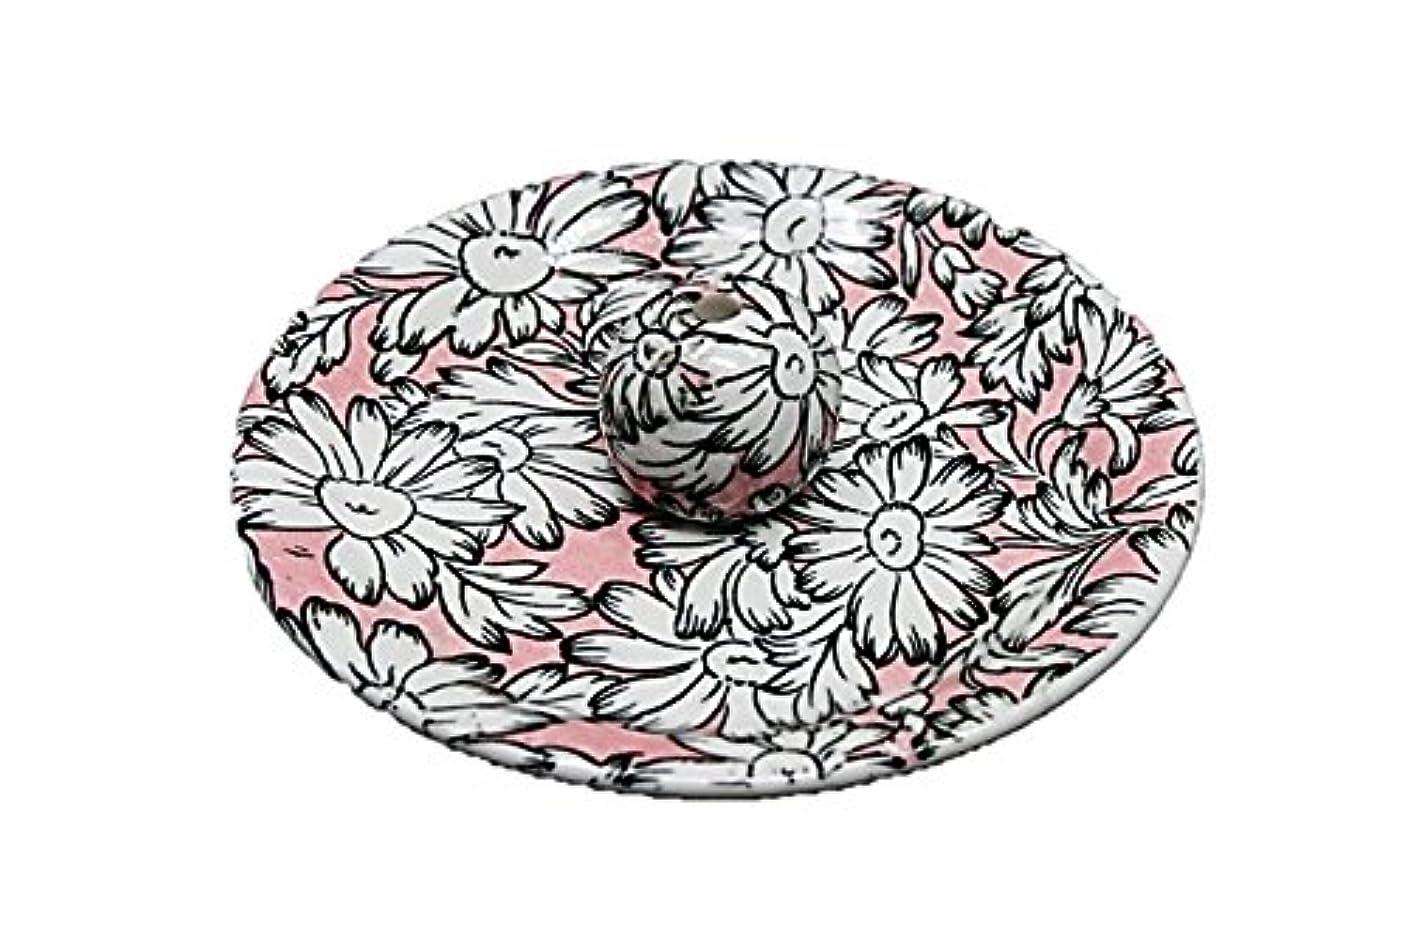 視力消毒する適切に9-22 マーガレットピンク 9cm香皿 お香立て お香たて 陶器 日本製 製造?直売品